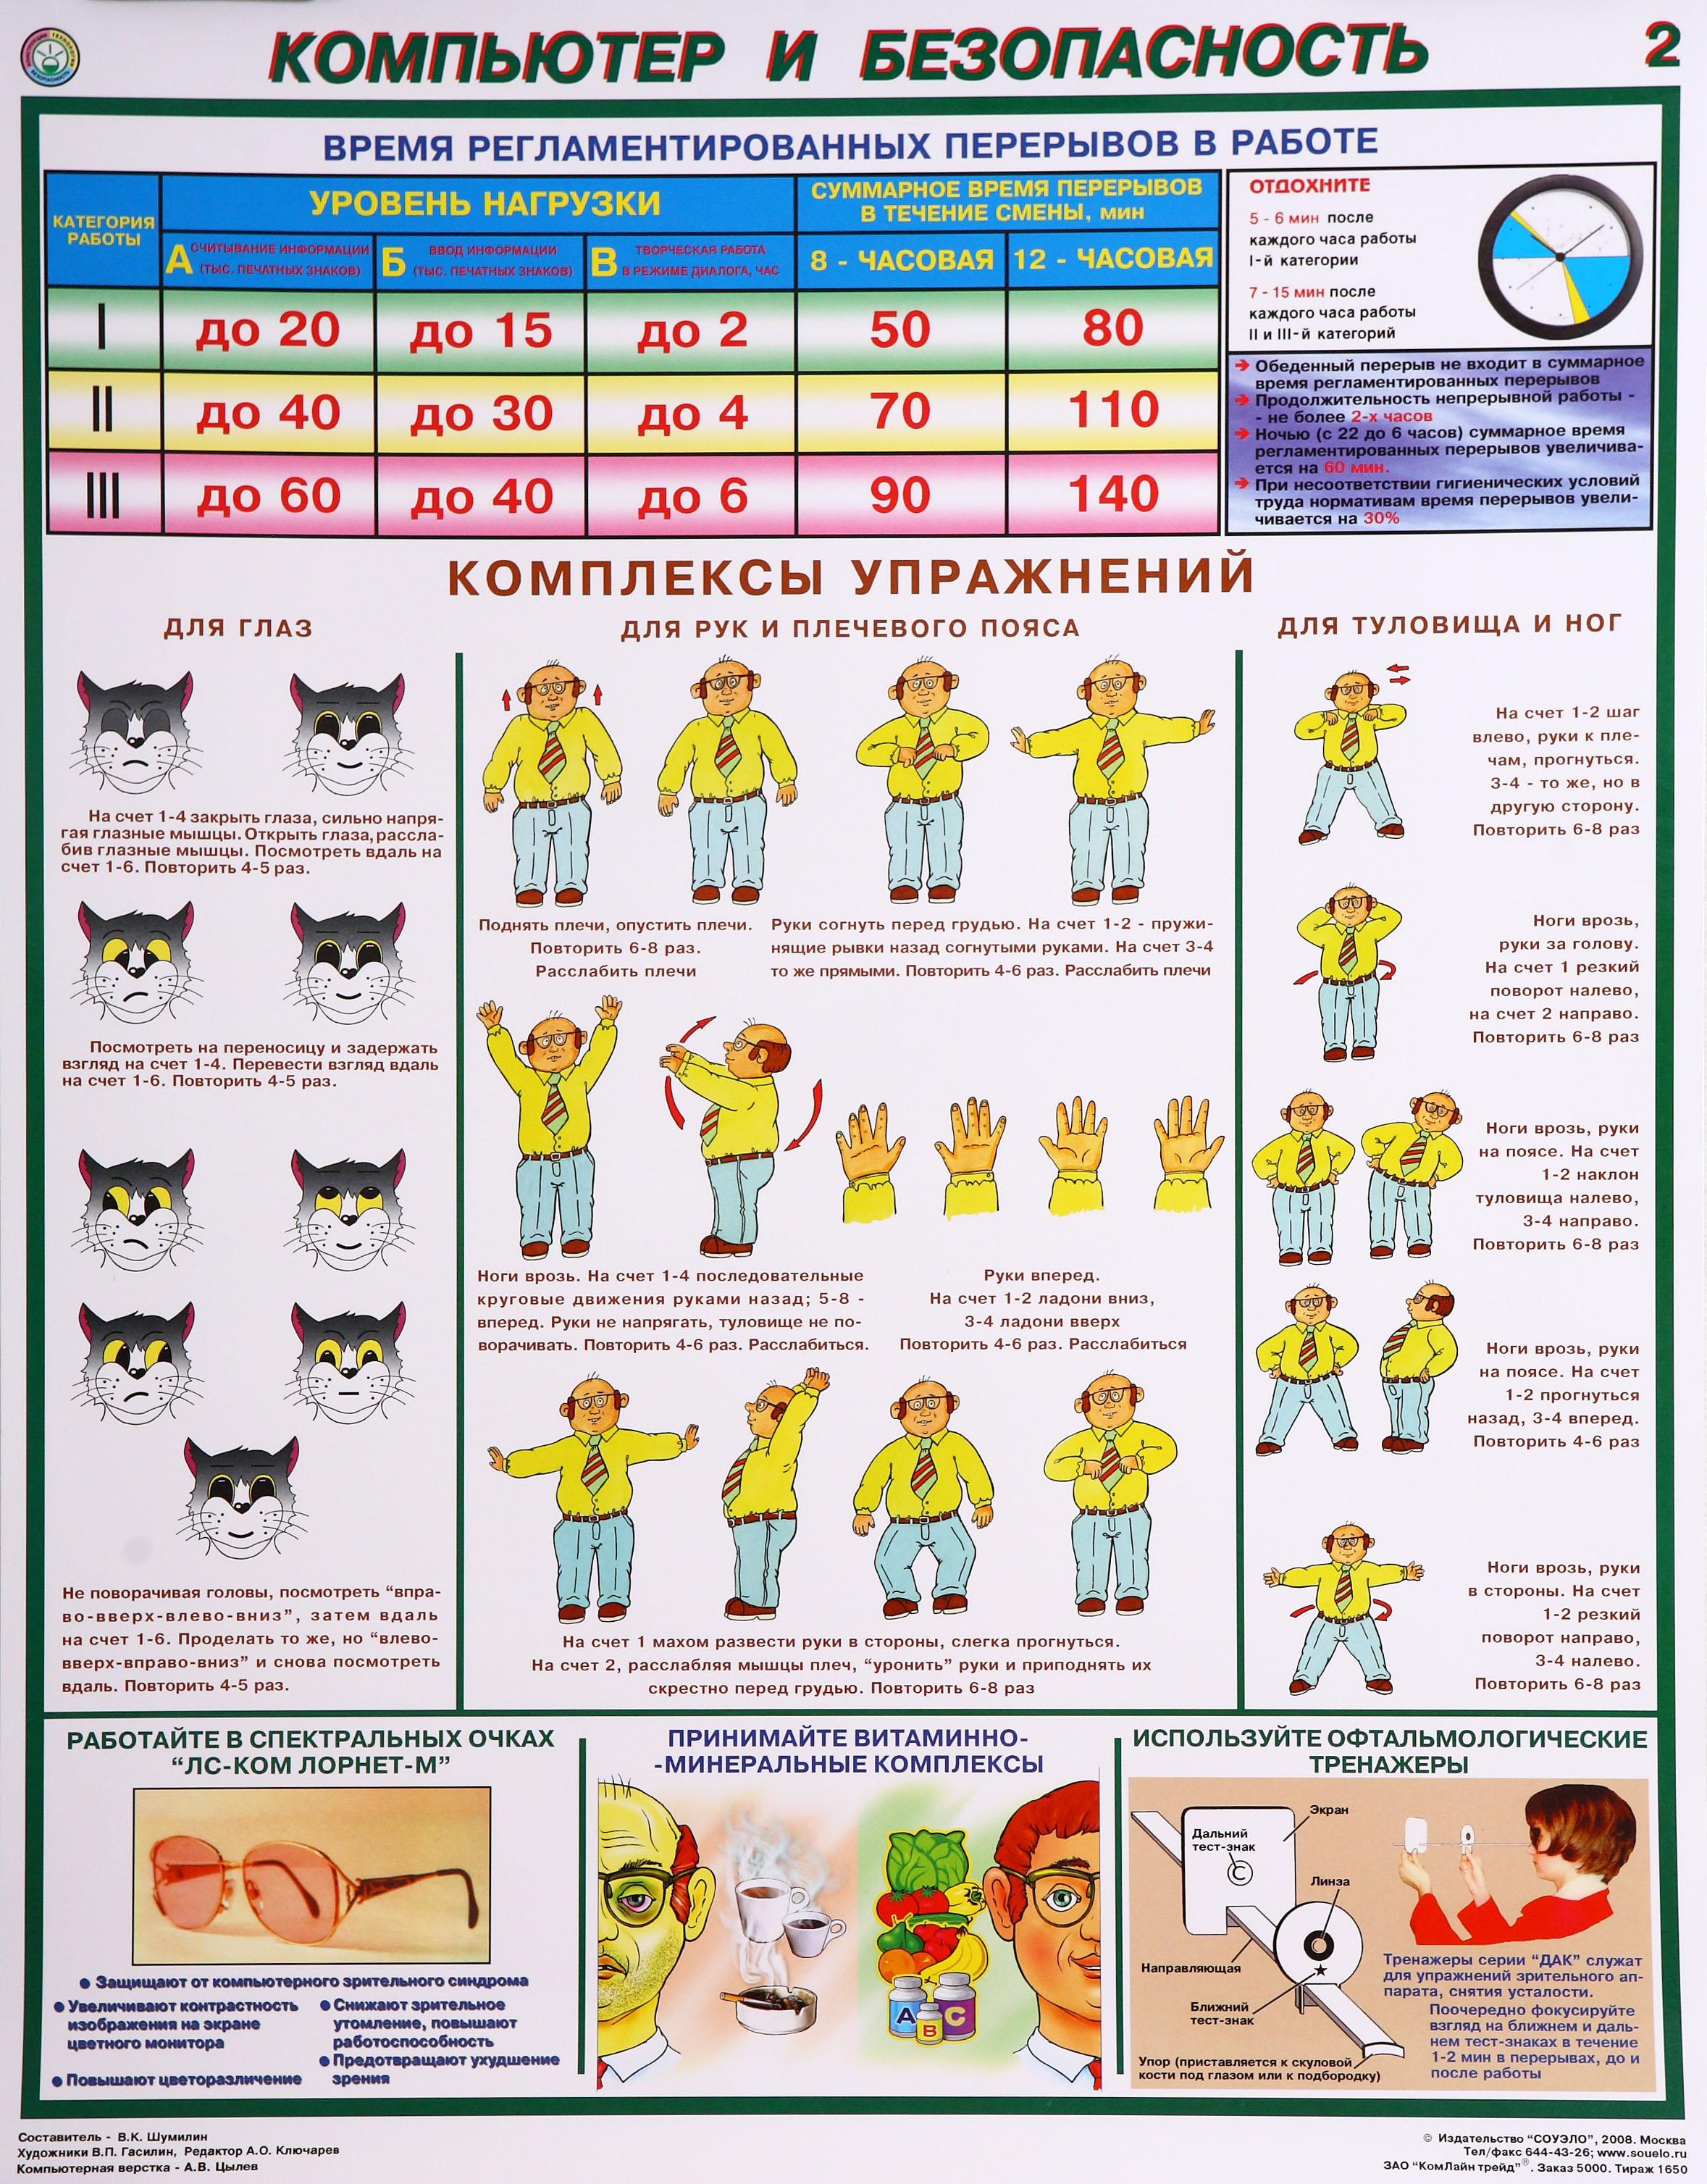 Плакаты по охране труда. Компьютер и безопасность